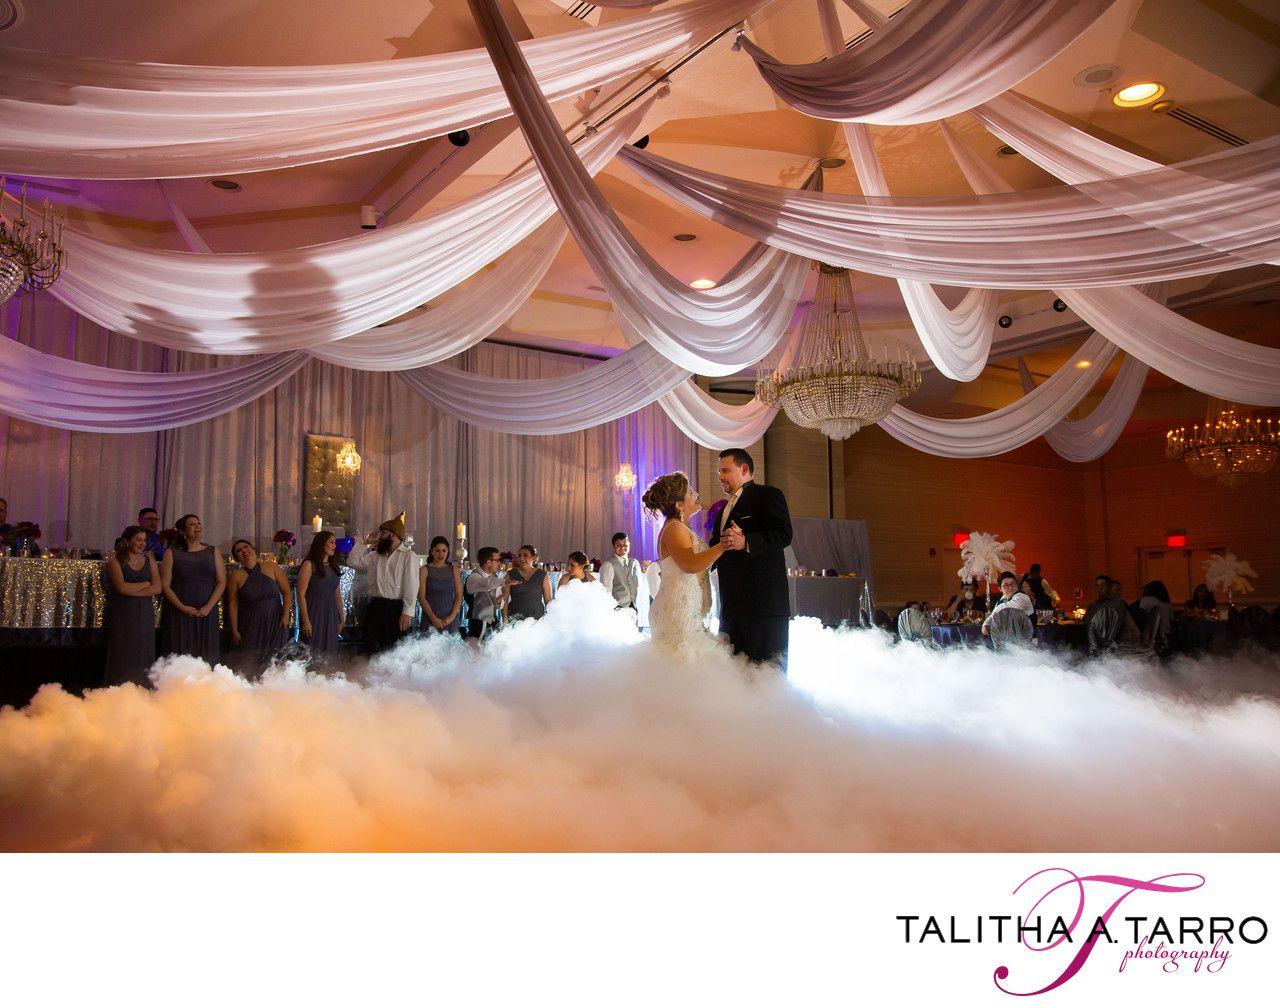 Dancing On Clouds Fog Machine At Wedding Reception Fog On Dance